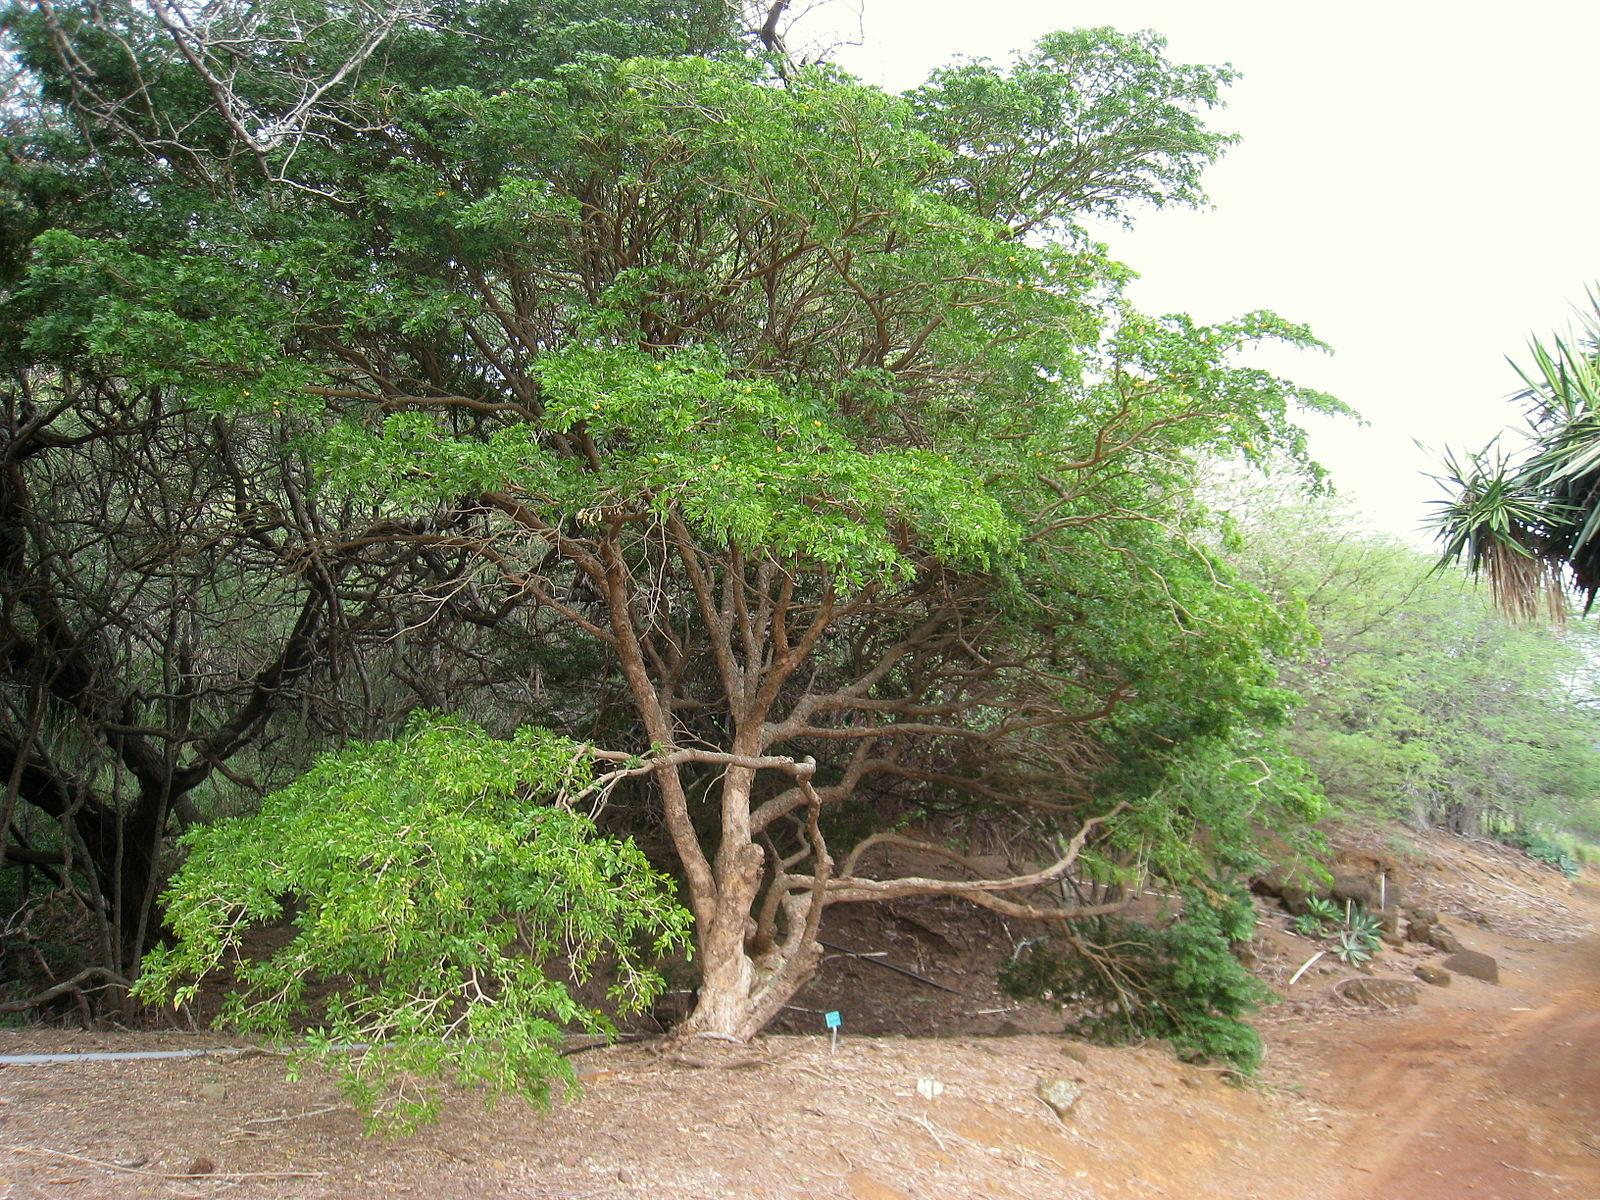 линия, гваяковое дерево фото зря его название